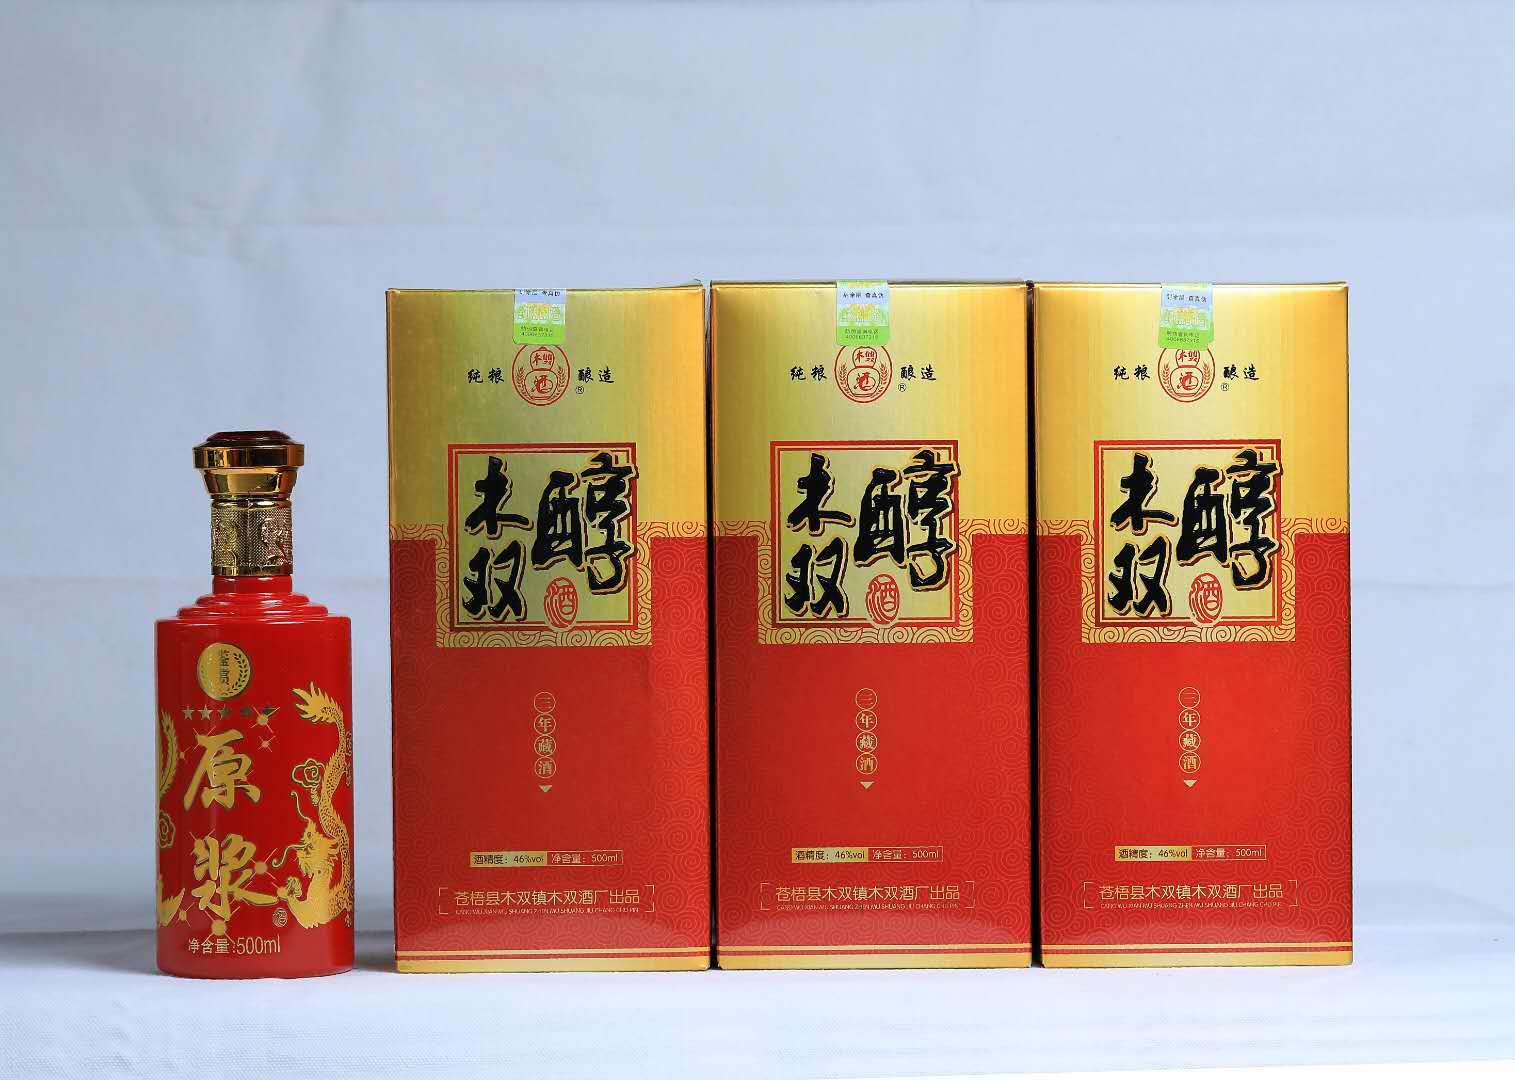 供应木双醇酒蒸馏酒 米酒 纯酿酒 纯粮酿造 46度、53度 500ml*6 整箱装 528元 包邮